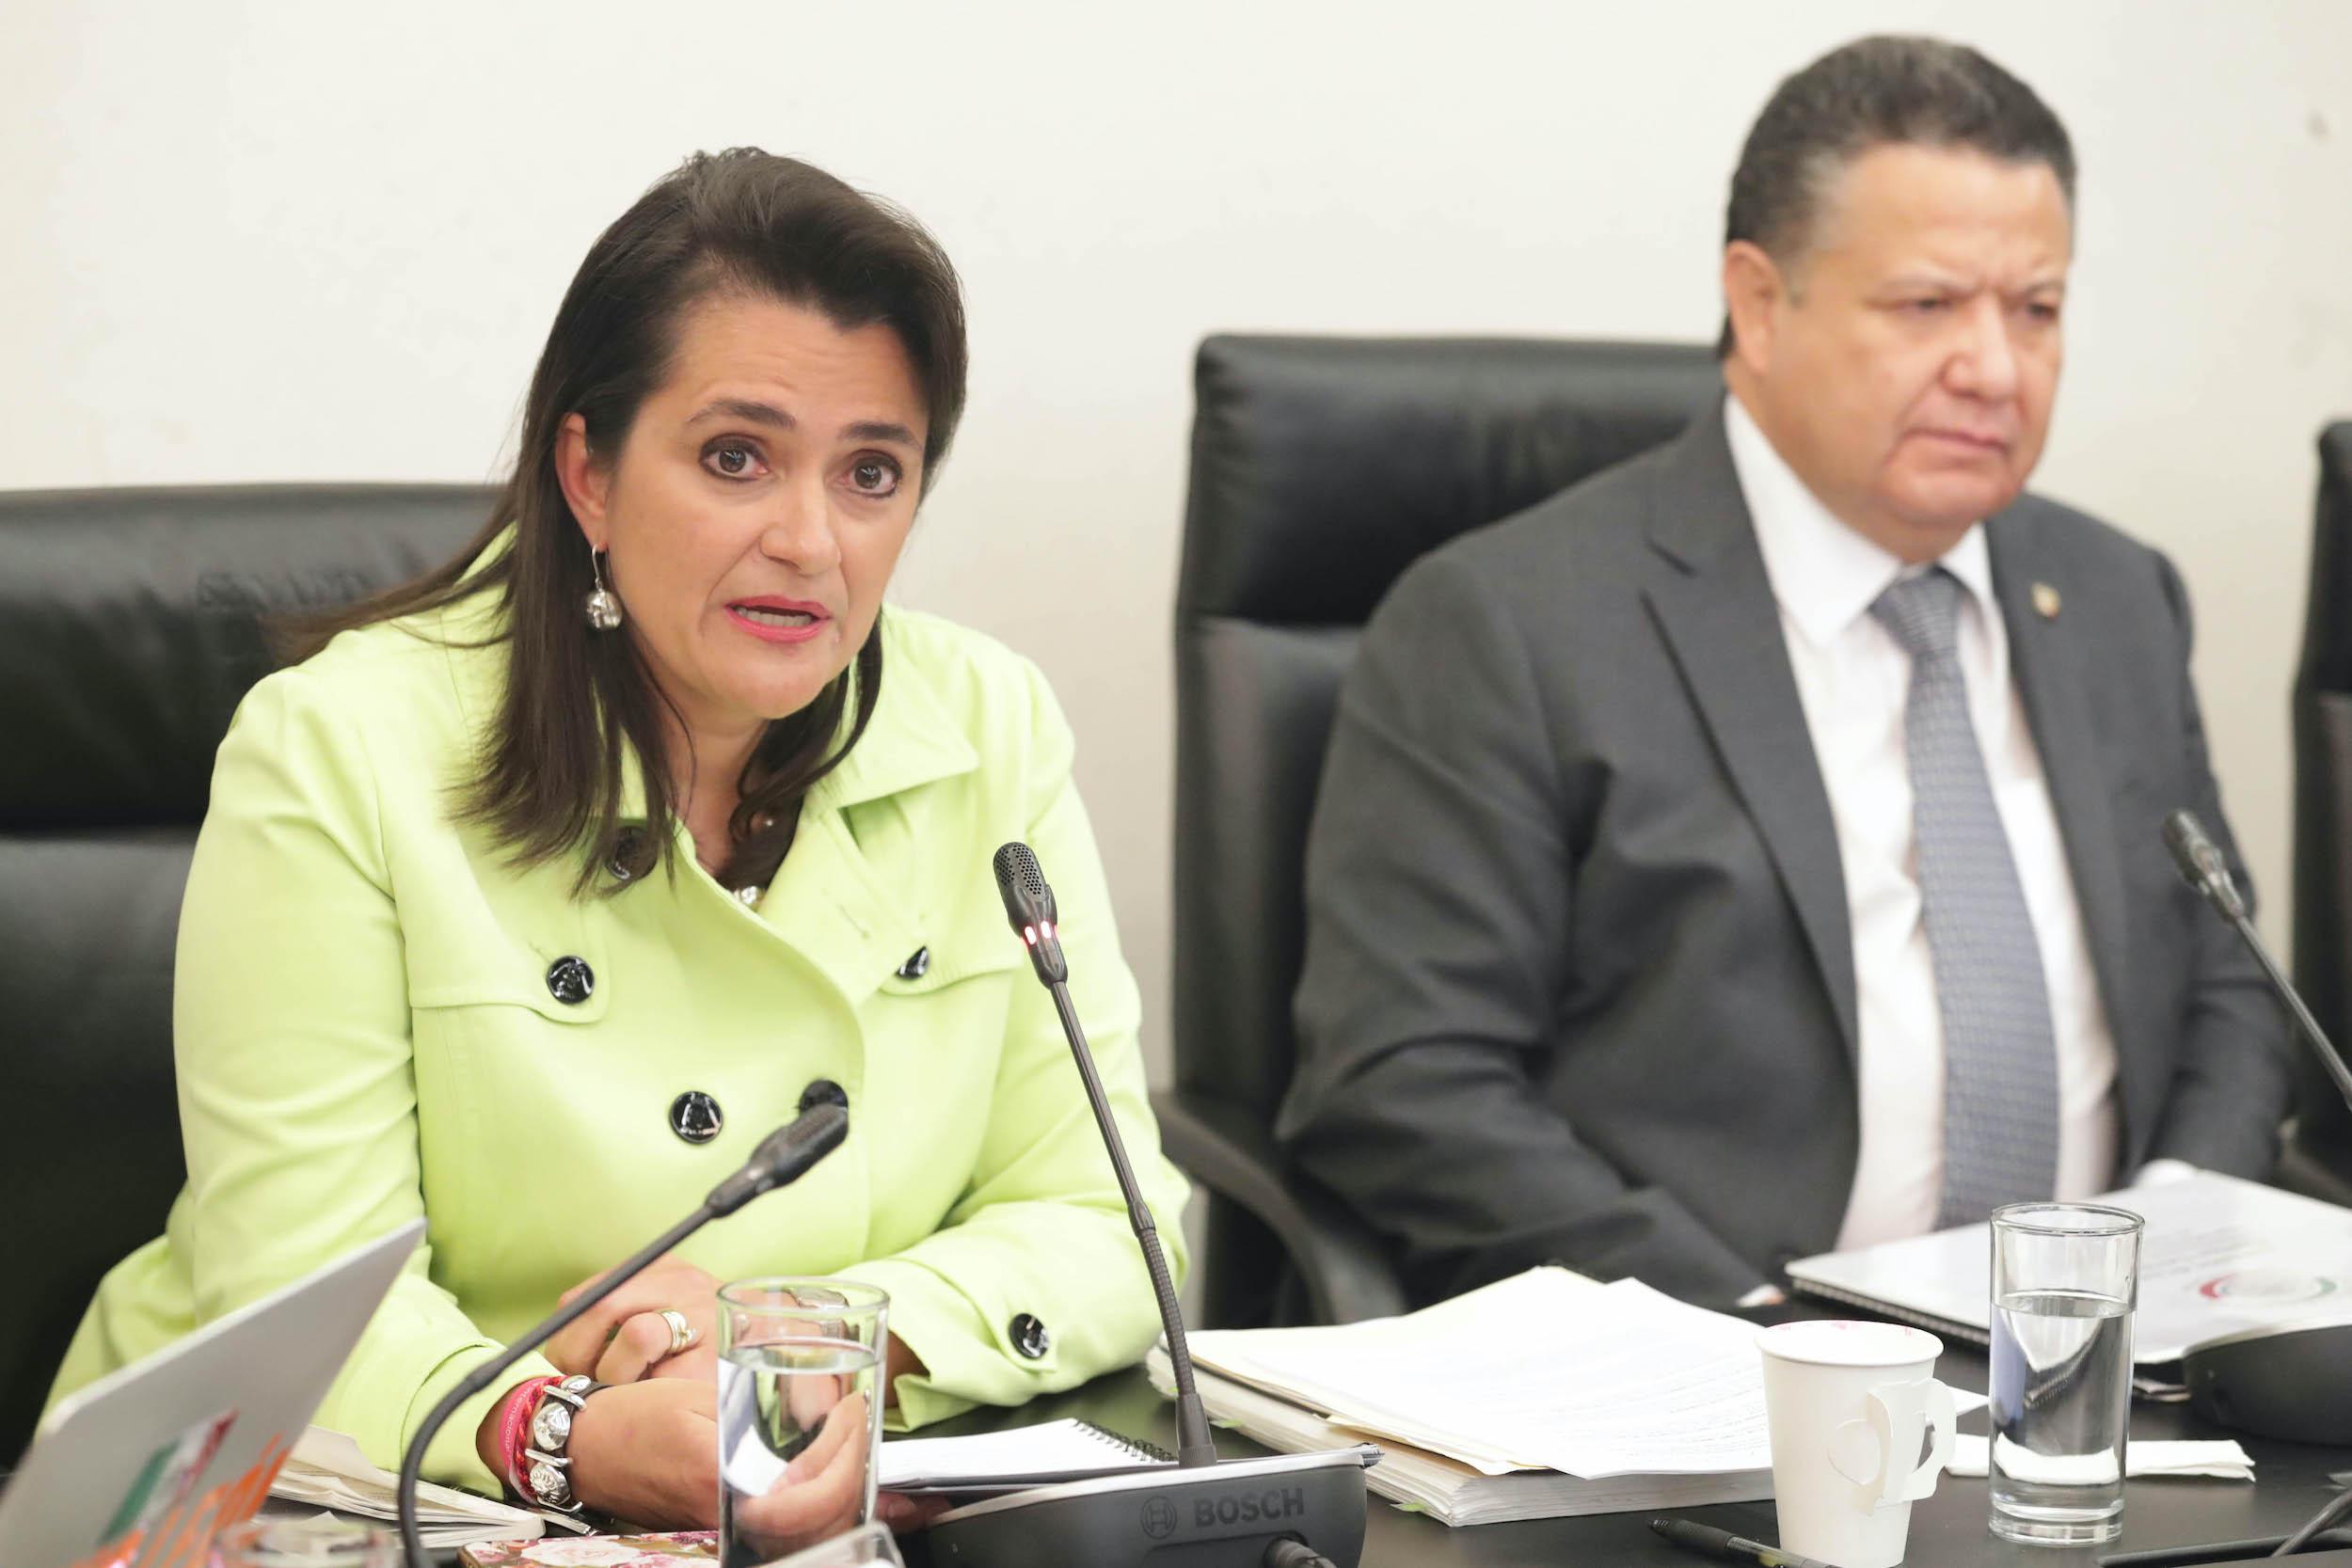 Margarita Ríos-Farjat en la Reunión de la Comisión de Justicia, comparecencias de las aspirantes a ocupar el cargo de Ministra de la SCJN. Foto de Senado de la República.